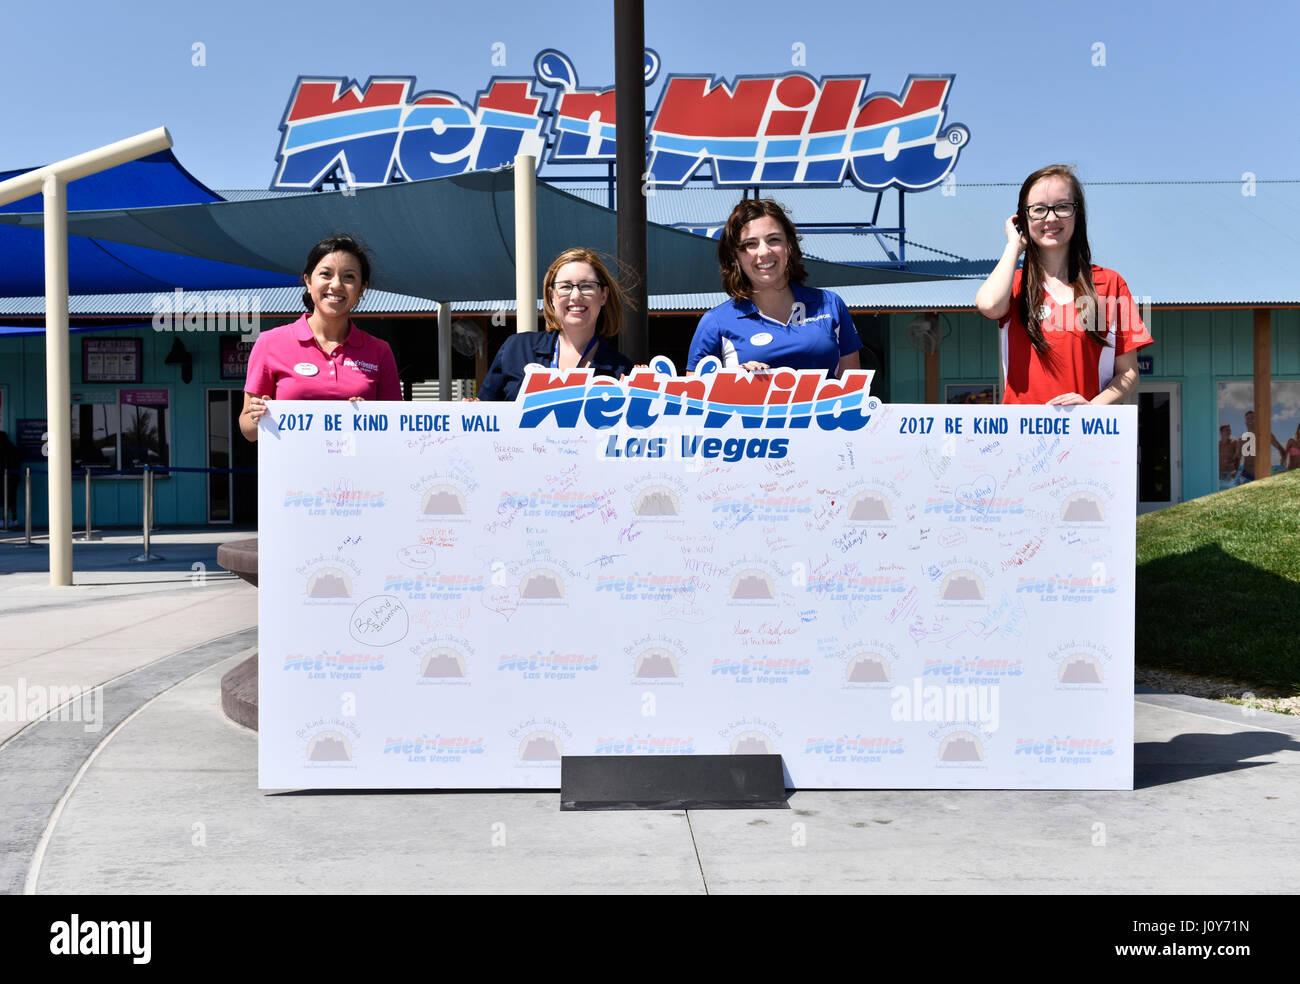 LAS VEGAS, NV - APRIL 8: The Josh Stevens Foundation's 'Be Kind' pledge day at Wet'n'Wild Las Vegas - Stock Image